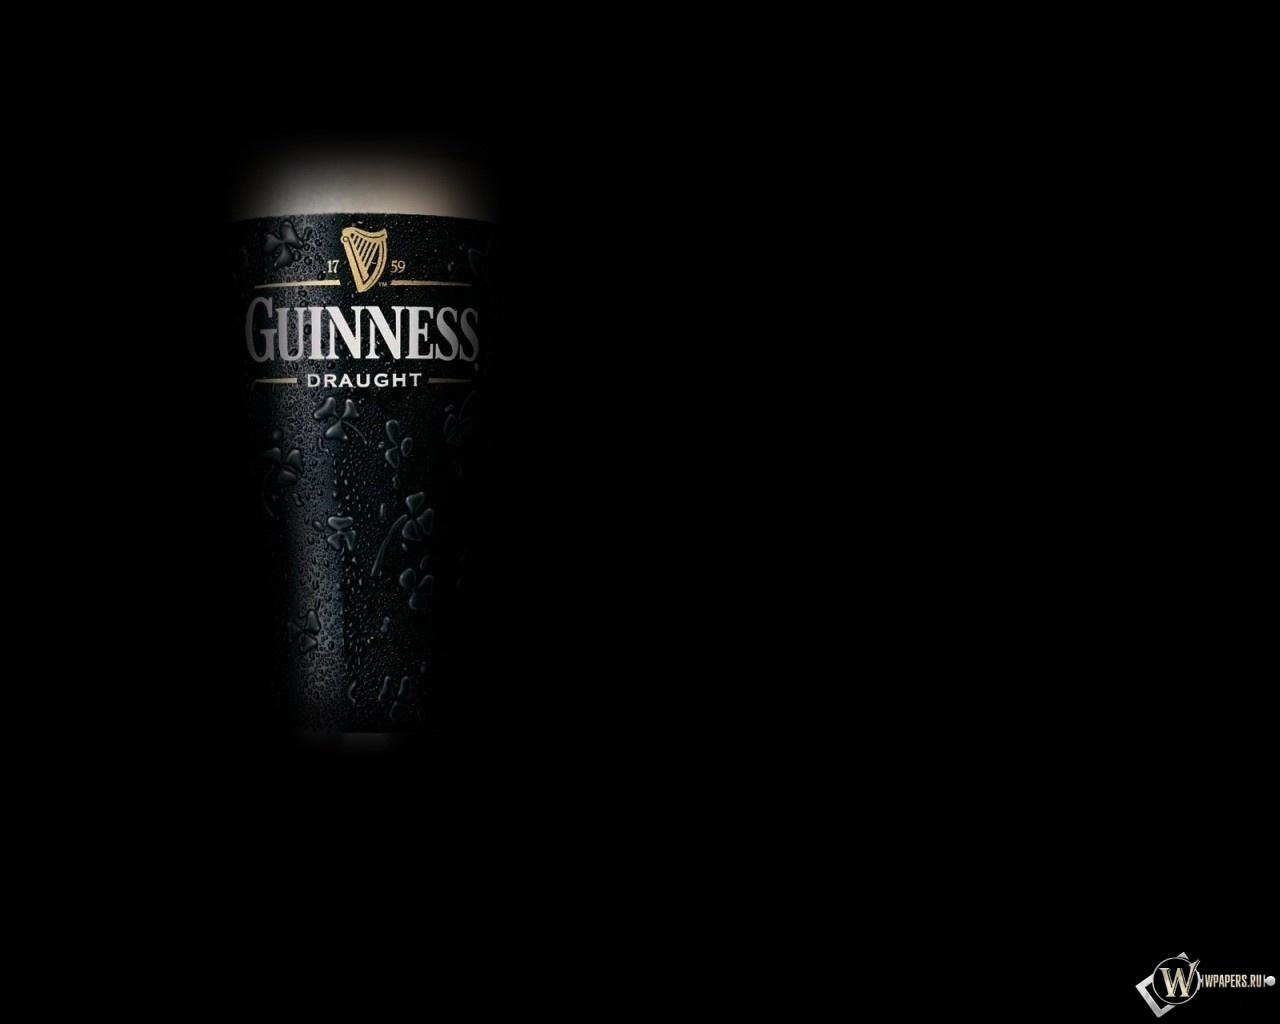 Пиво Guinness 1280x1024